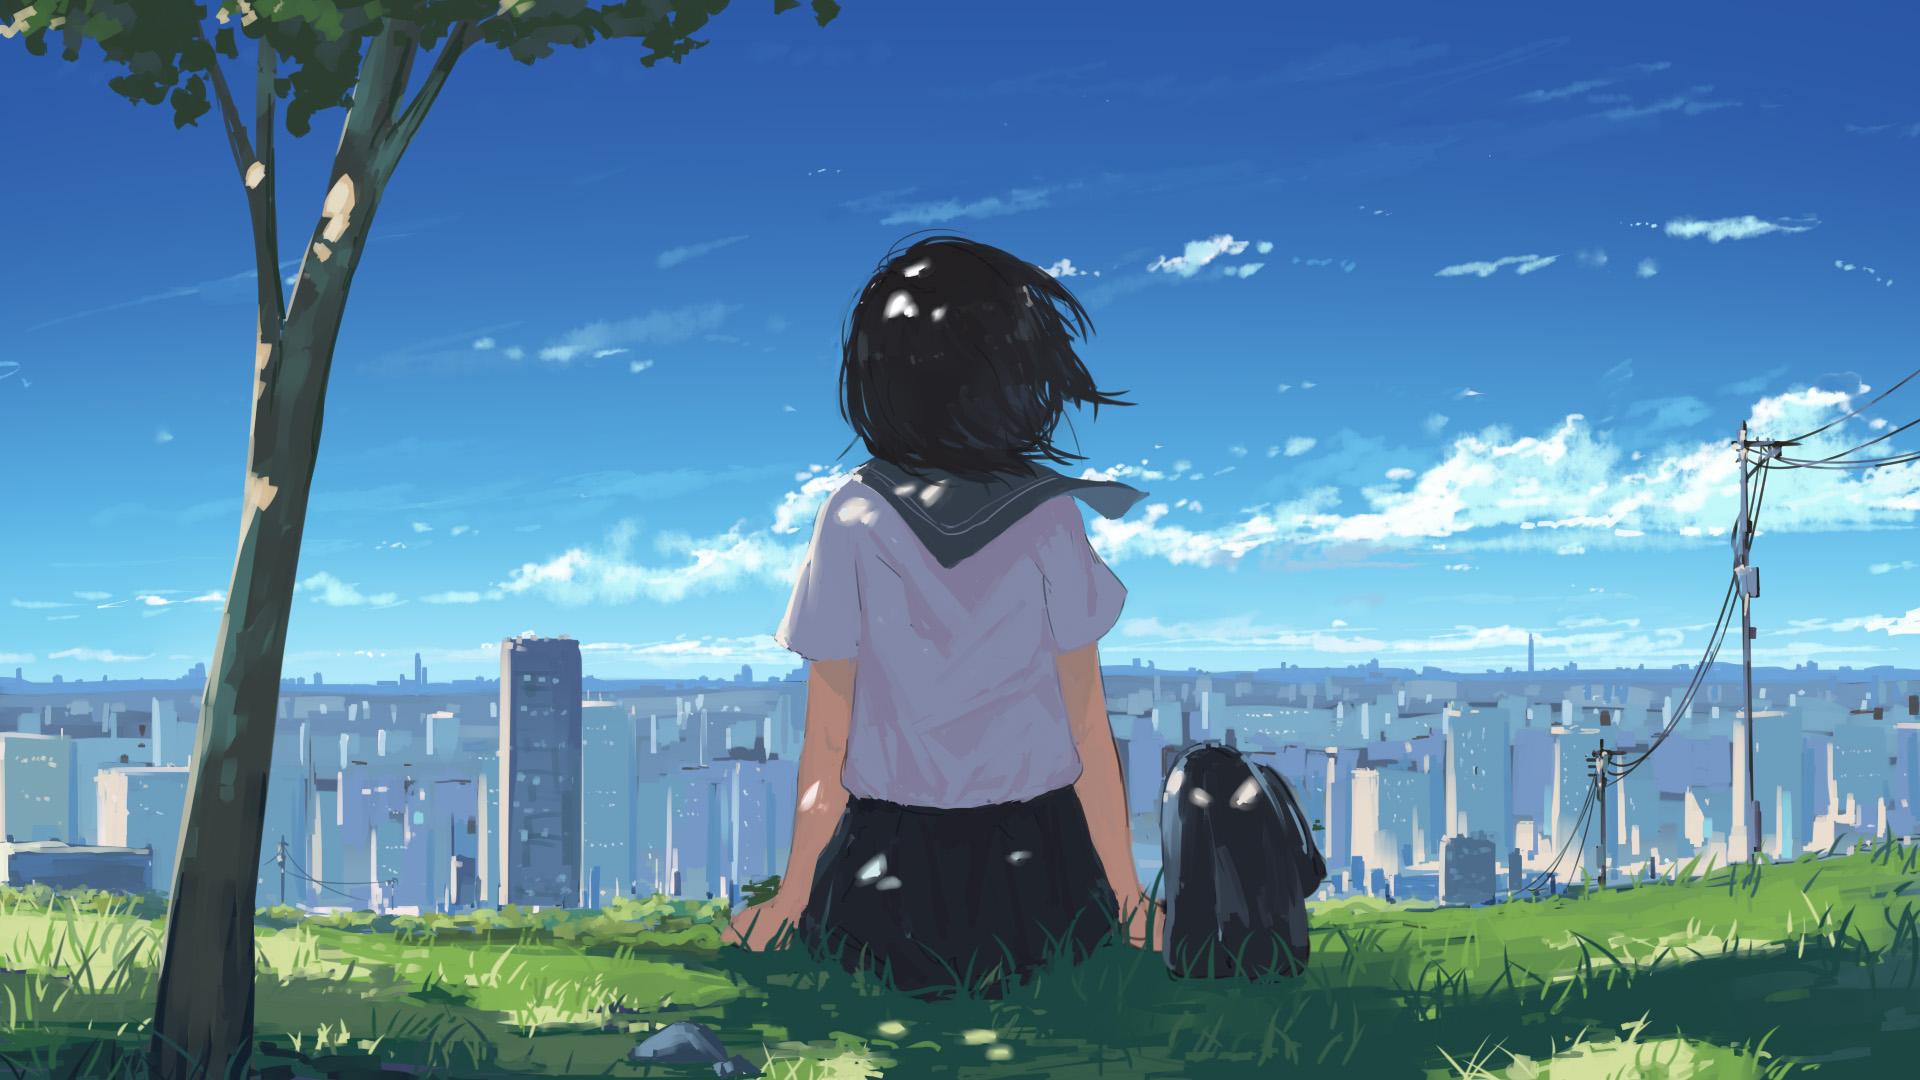 动漫卡通,校服,城市,山坡,天空,微风